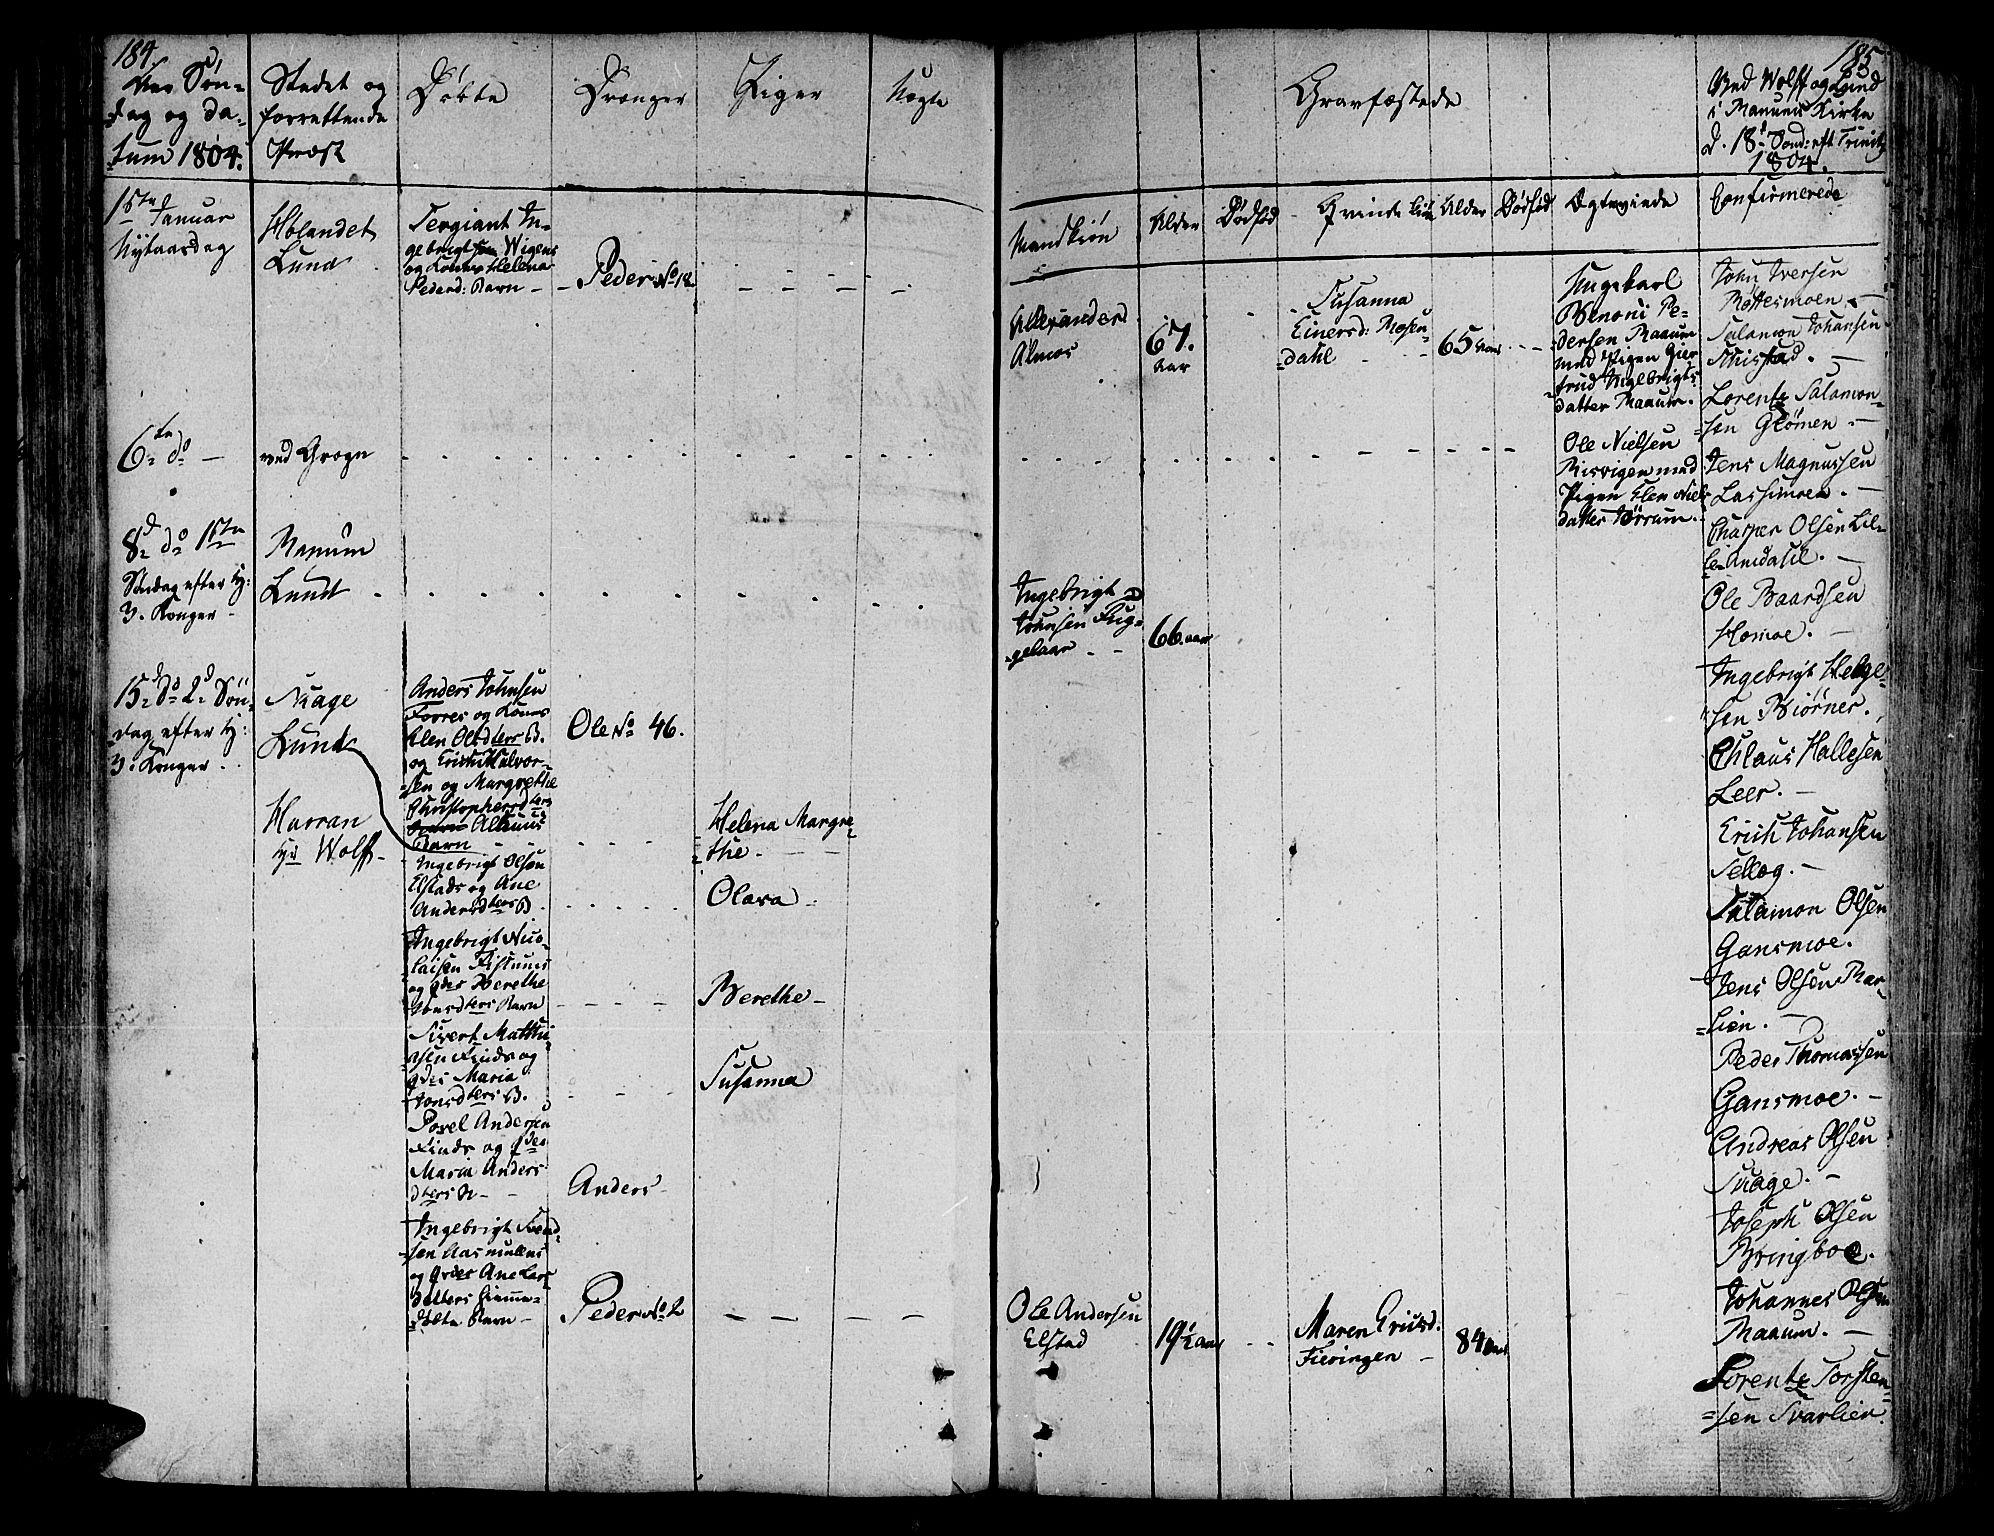 SAT, Ministerialprotokoller, klokkerbøker og fødselsregistre - Nord-Trøndelag, 764/L0545: Ministerialbok nr. 764A05, 1799-1816, s. 184-185